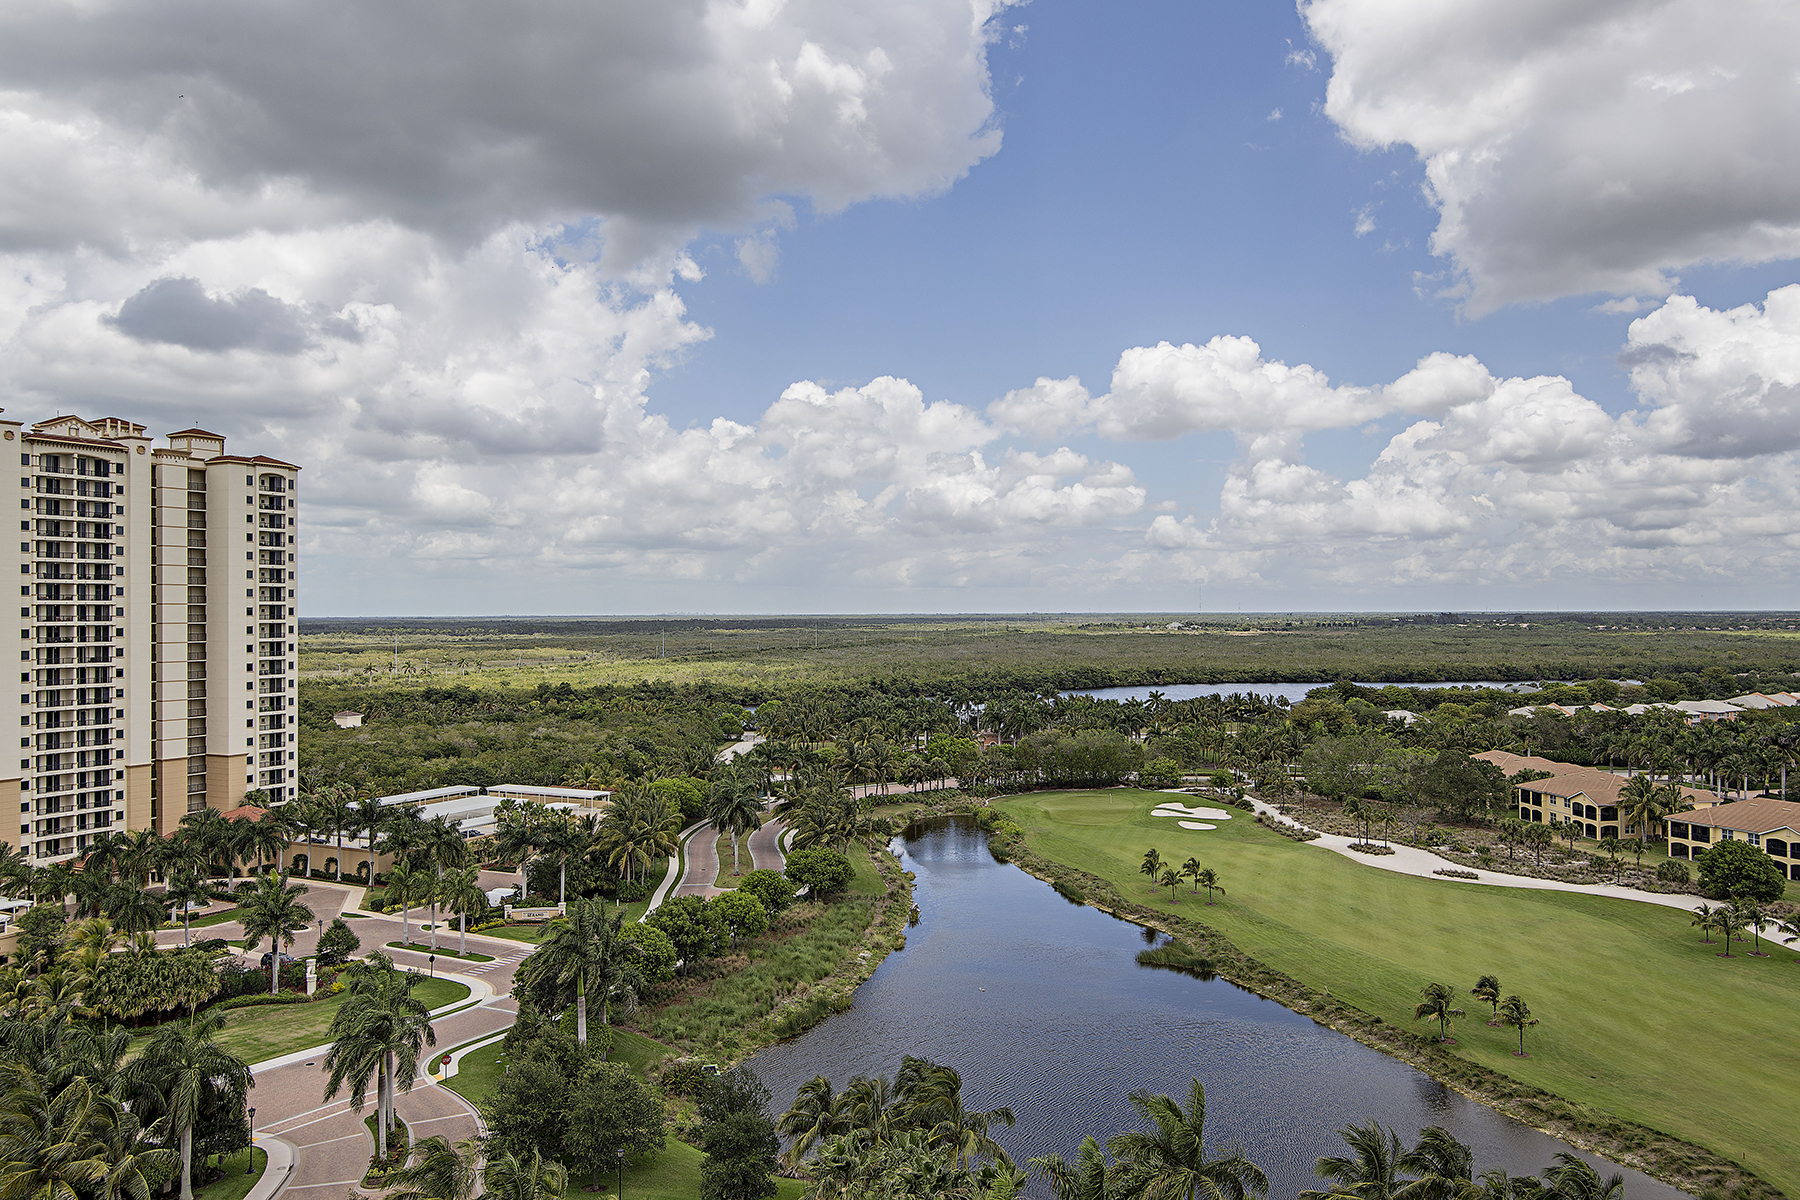 Eigentumswohnung für Verkauf beim HAMMOCK BAY - AVERSANA 1060 Borghese Ln 1204 Naples, Florida, 34114 Vereinigte Staaten